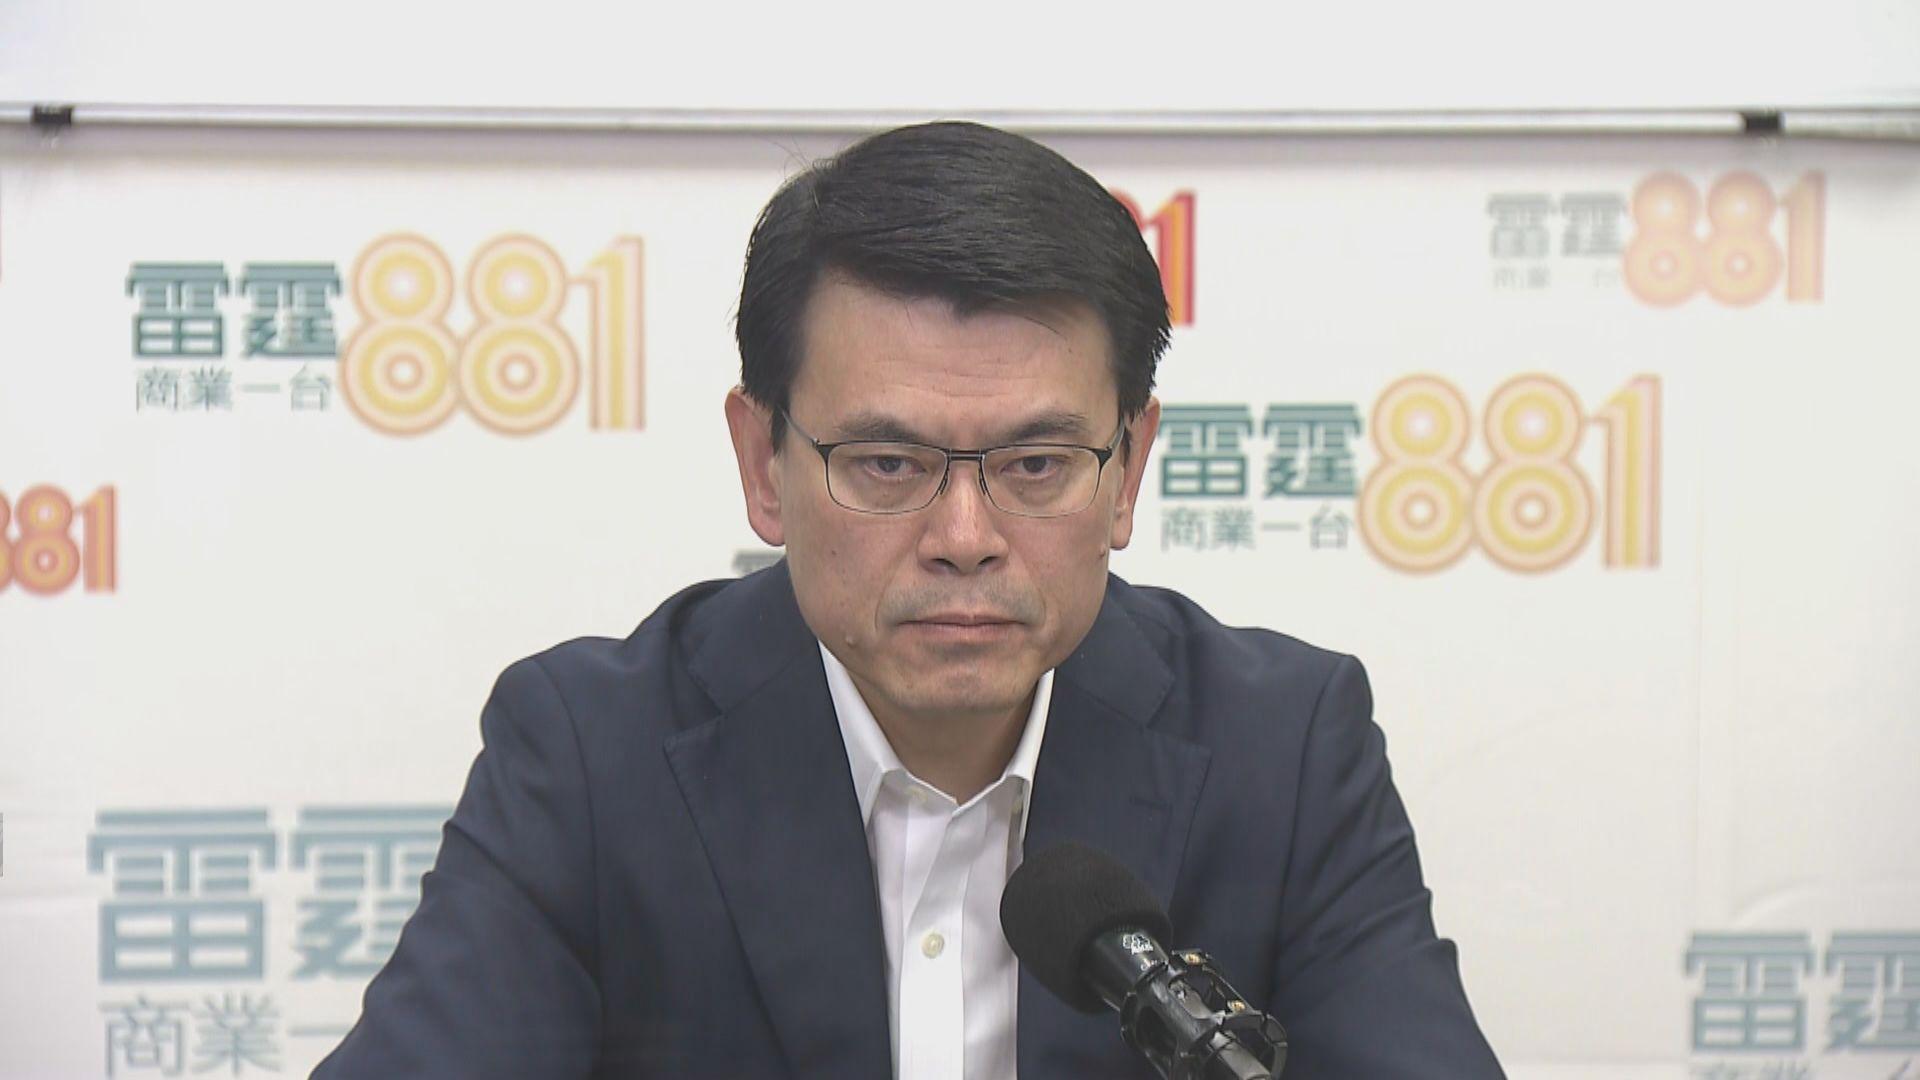 邱騰華:美國國會報告對香港的評價有政治性